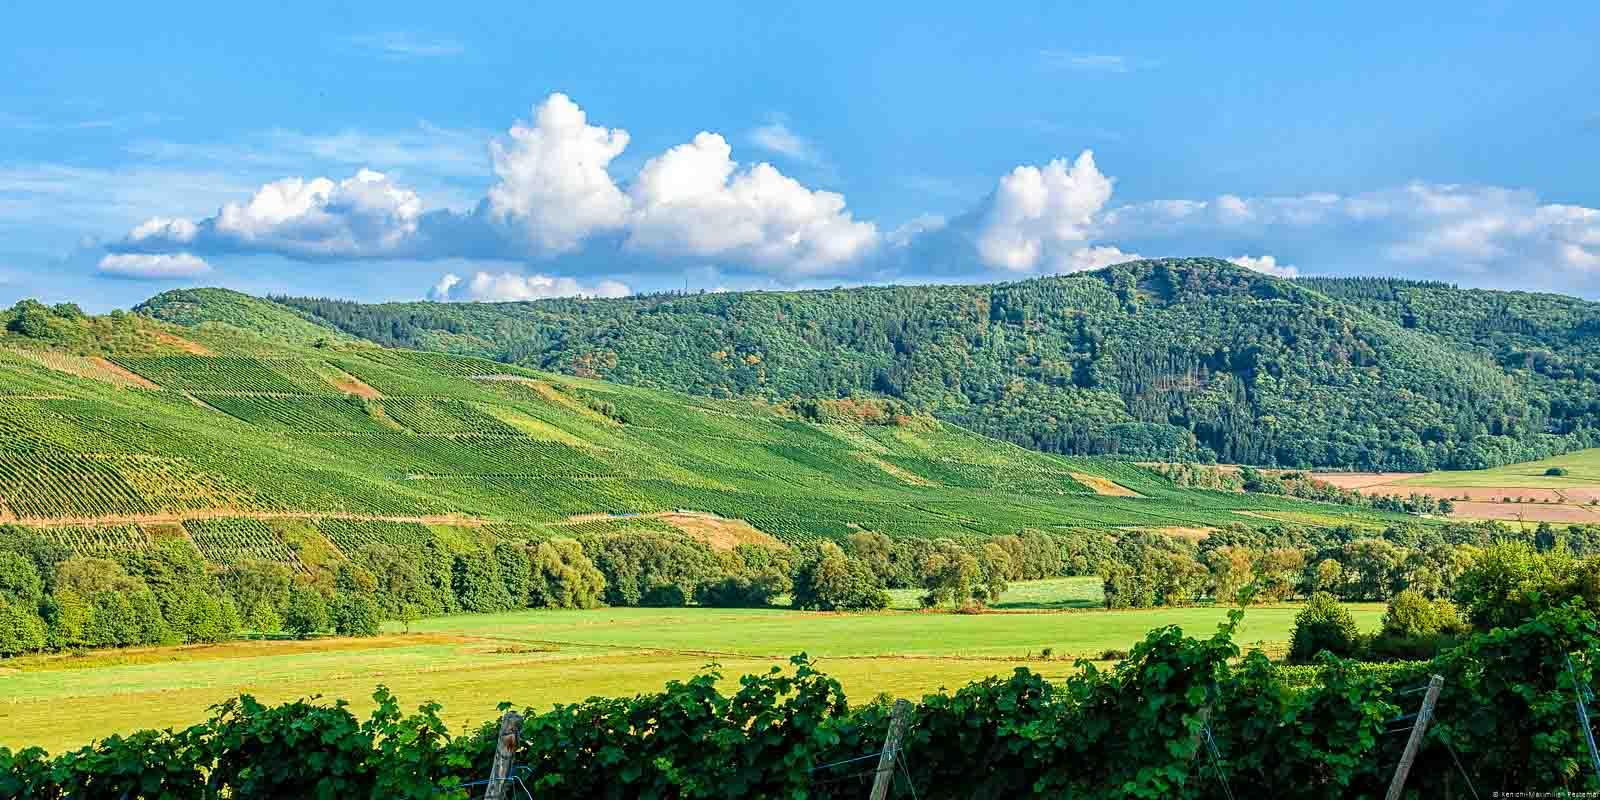 Der Burgener Hasenläufer ist der Weinberg in der Mitte des Bildes. Am blauen Himmel bewegen sich Wolken. Im Hintergrund sind Hügel mit Wäldern.